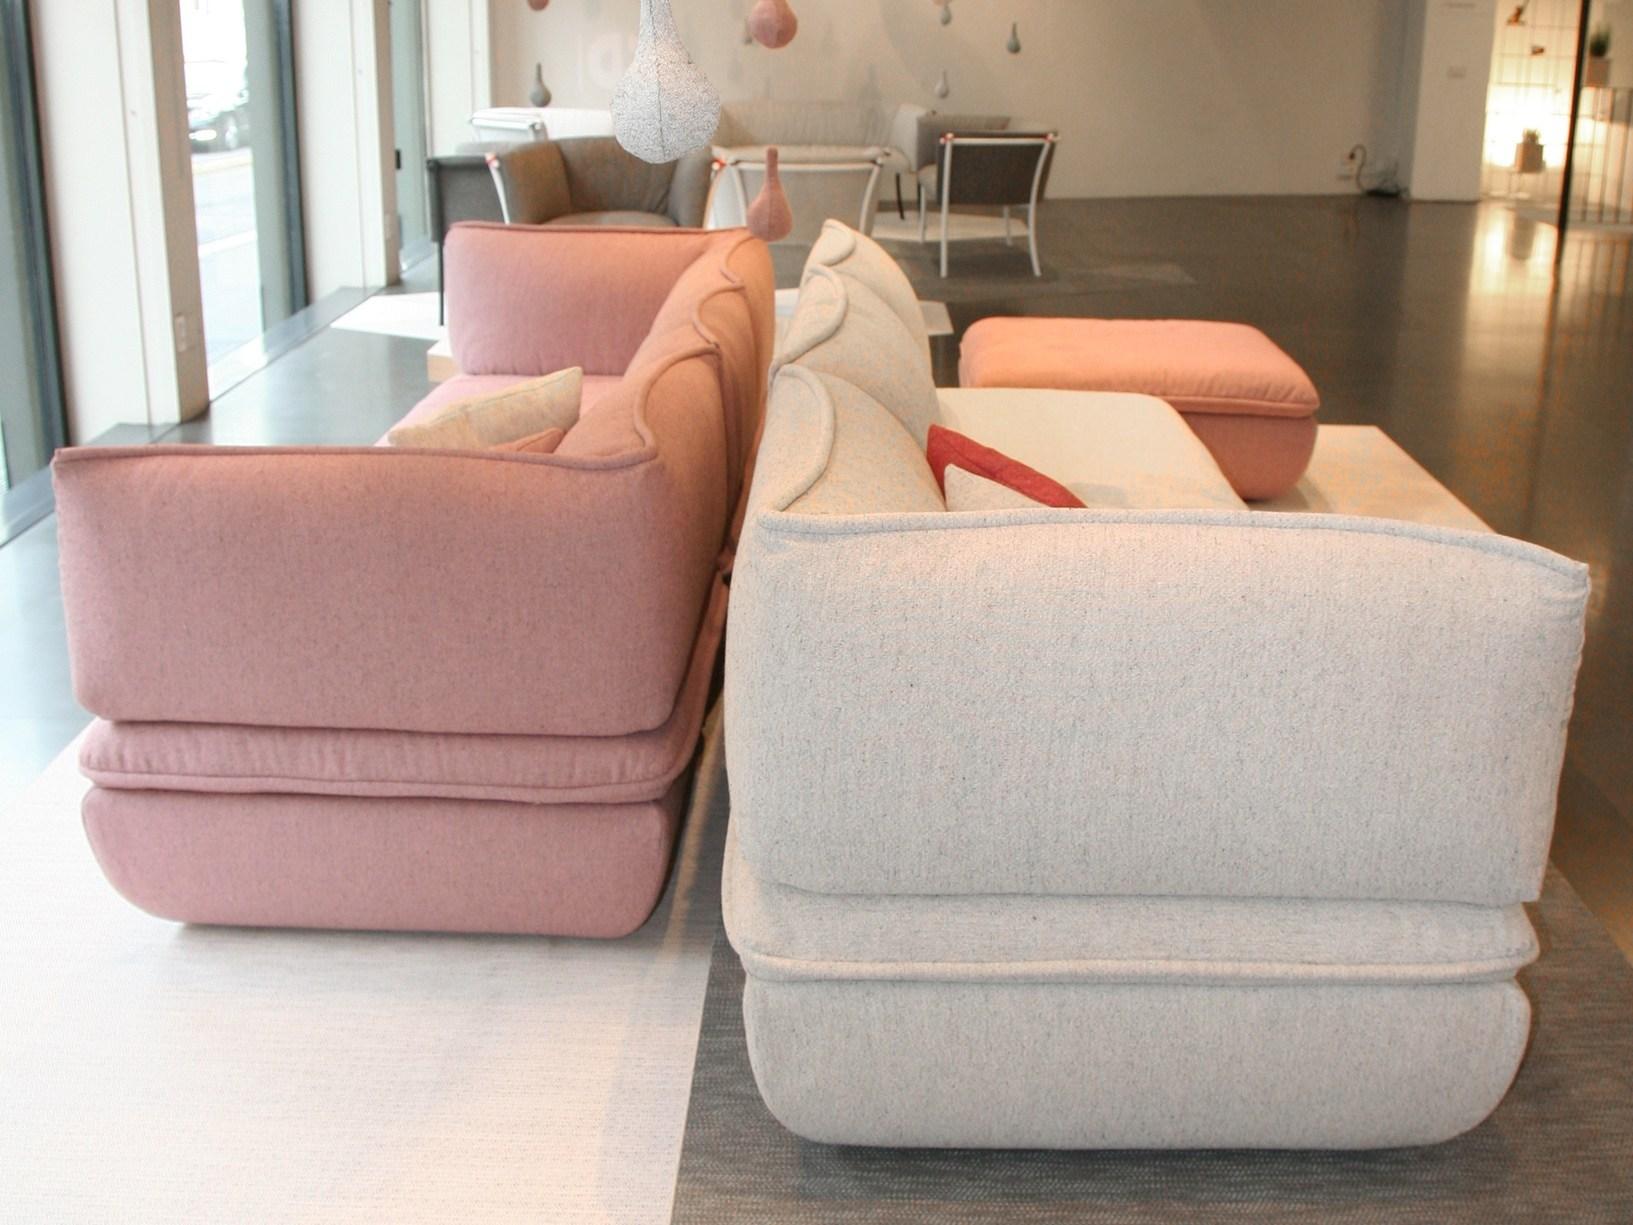 Il polpo mimetico mimic ispira il nuovo divano de padova - Divano de padova usato ...